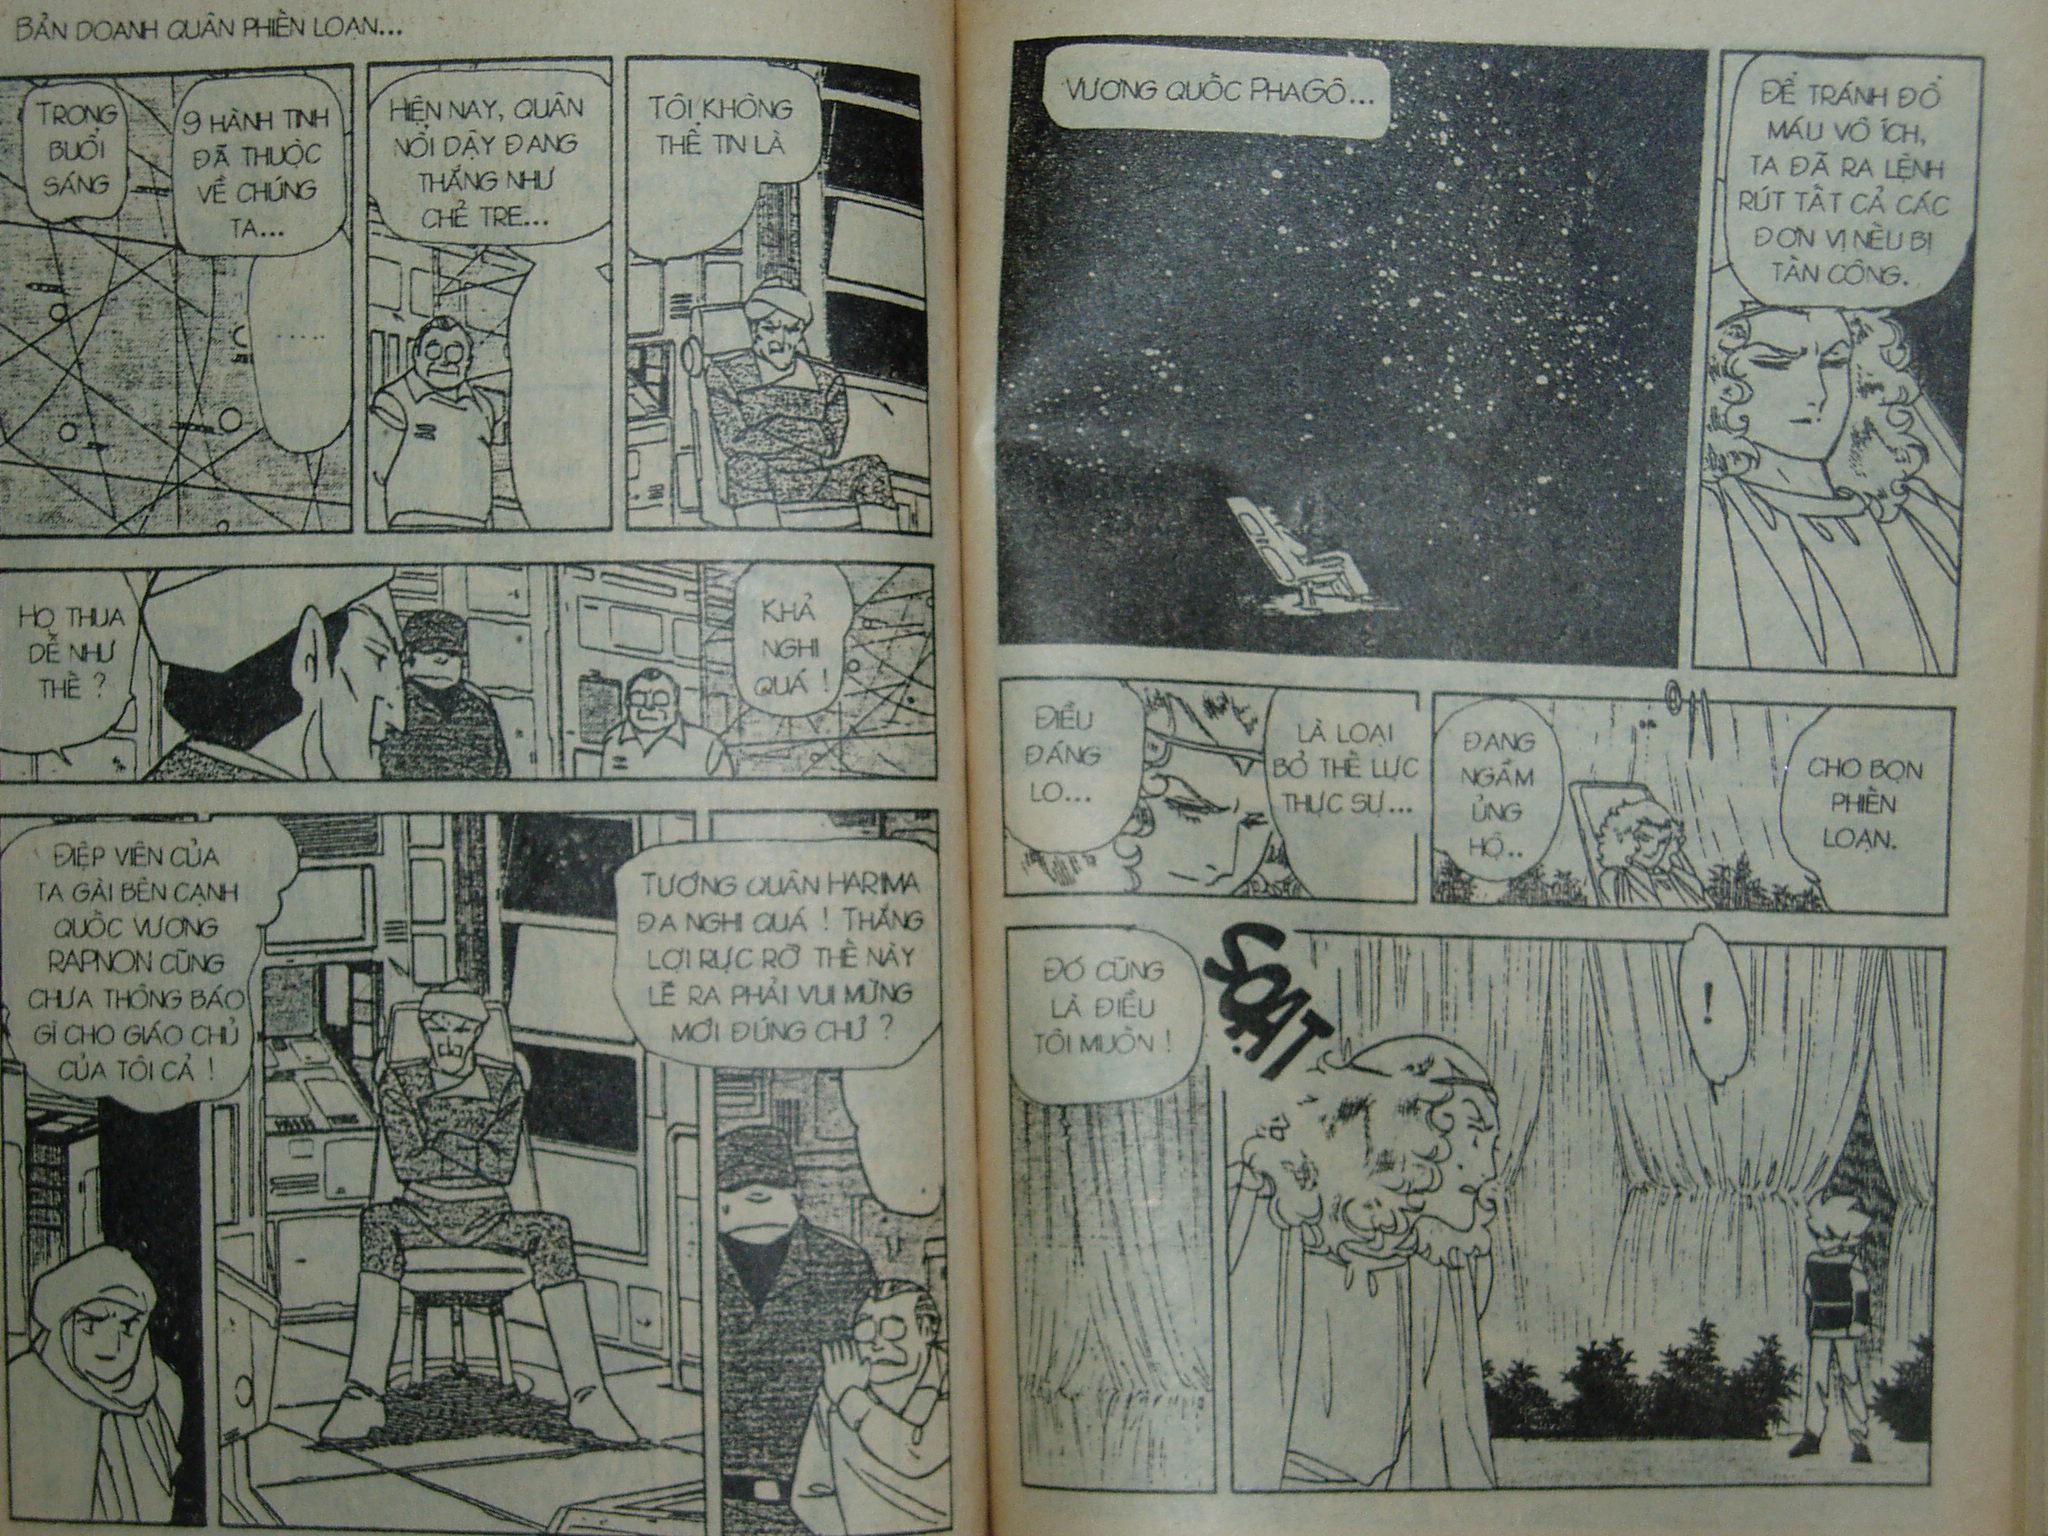 Siêu nhân Locke vol 17 trang 50